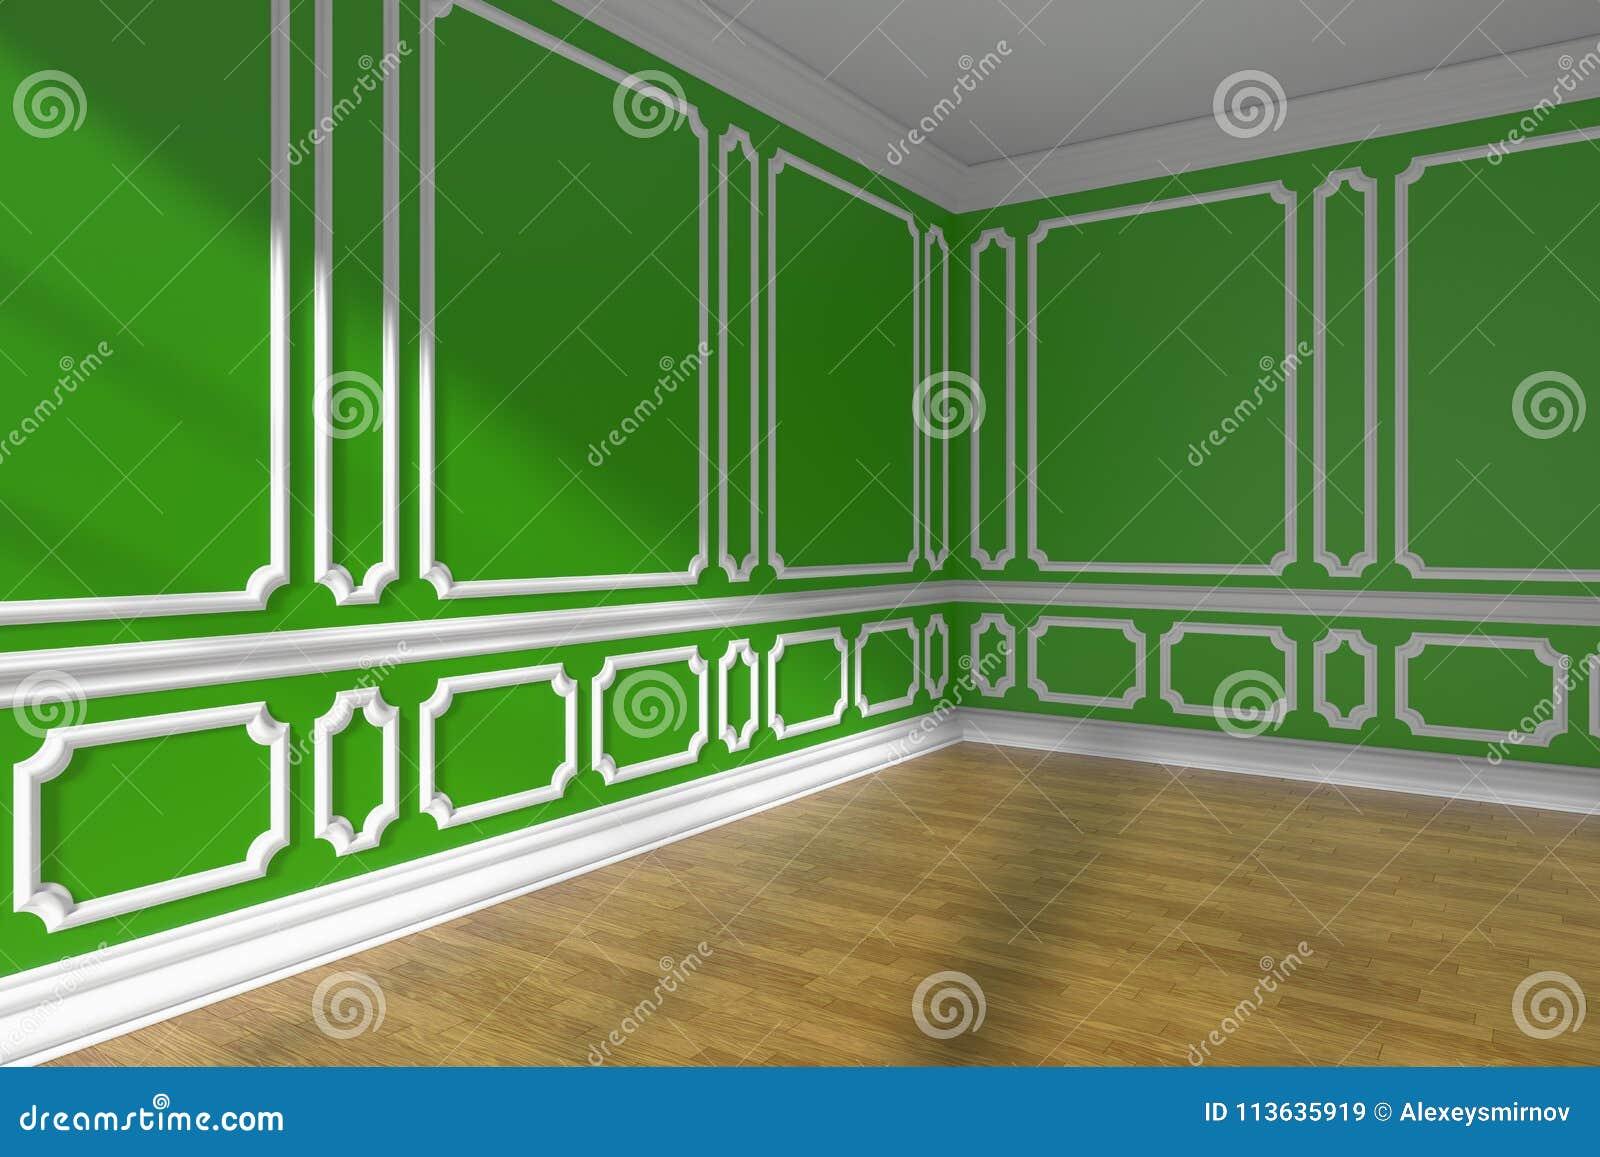 Acquista mattonelle a mosaico di vetro blu e verde a forma di